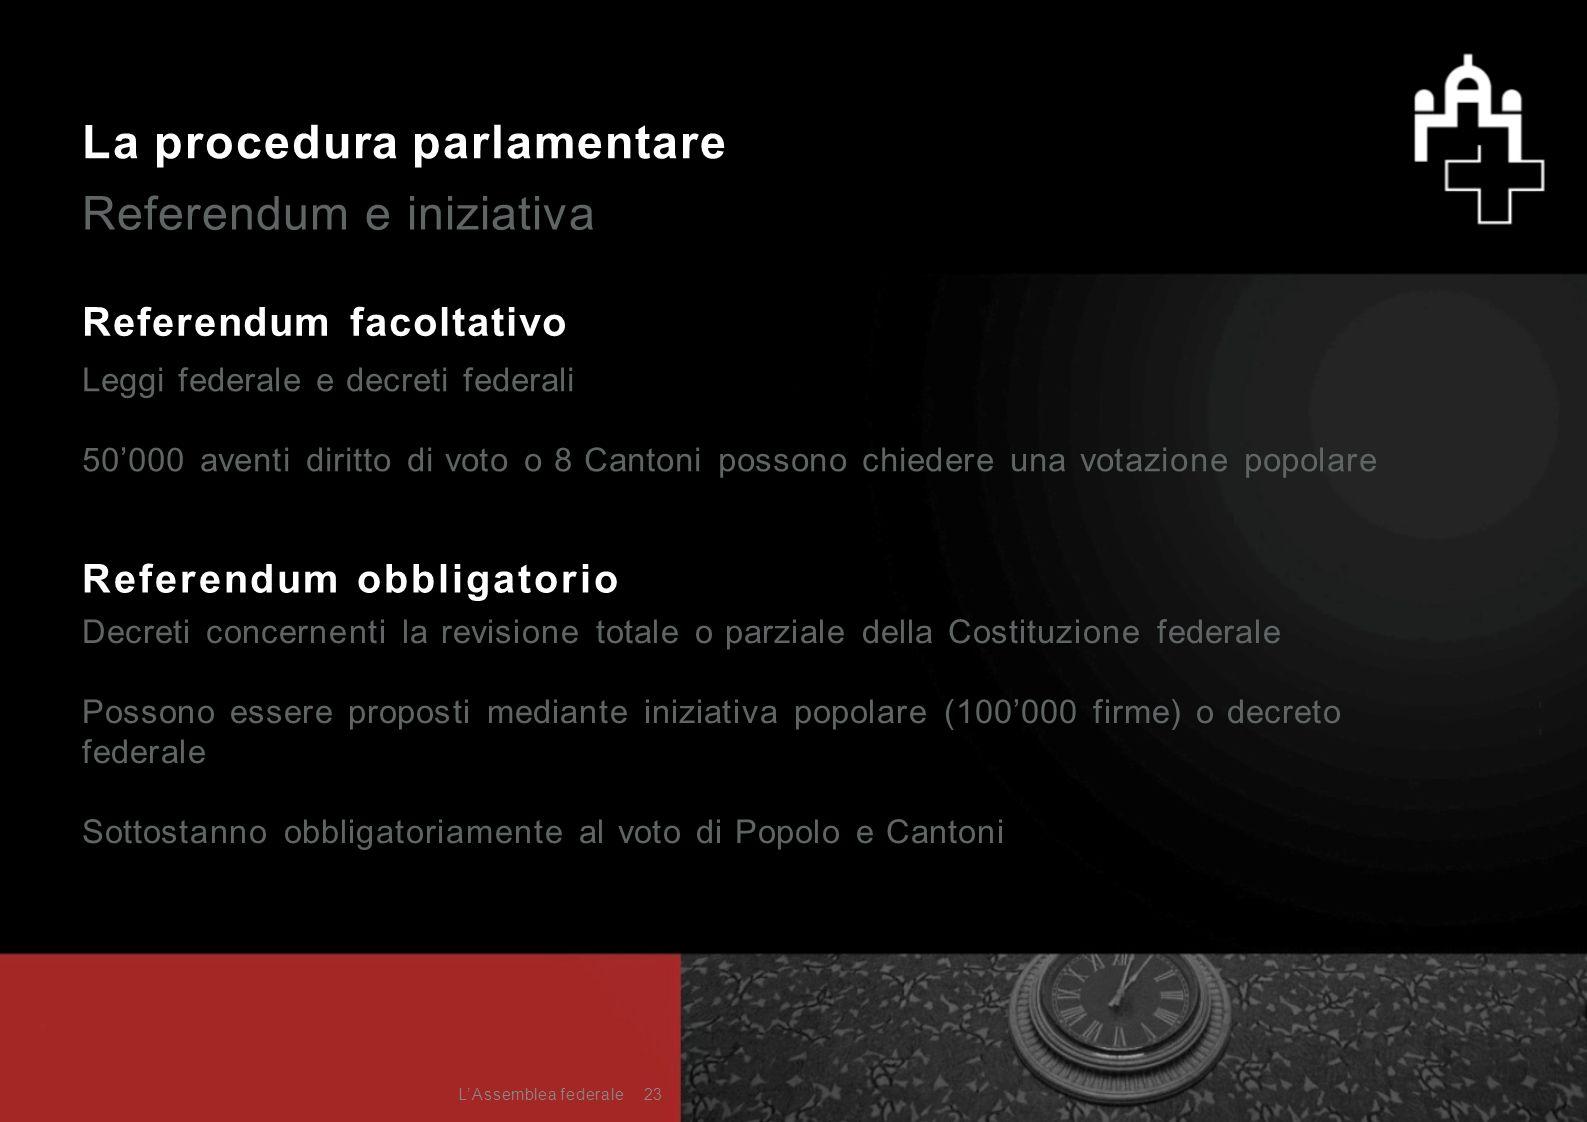 La procedura parlamentare Referendum e iniziativa Referendum facoltativo Leggi federale e decreti federali 50'000 aventi diritto di voto o 8 Cantoni p